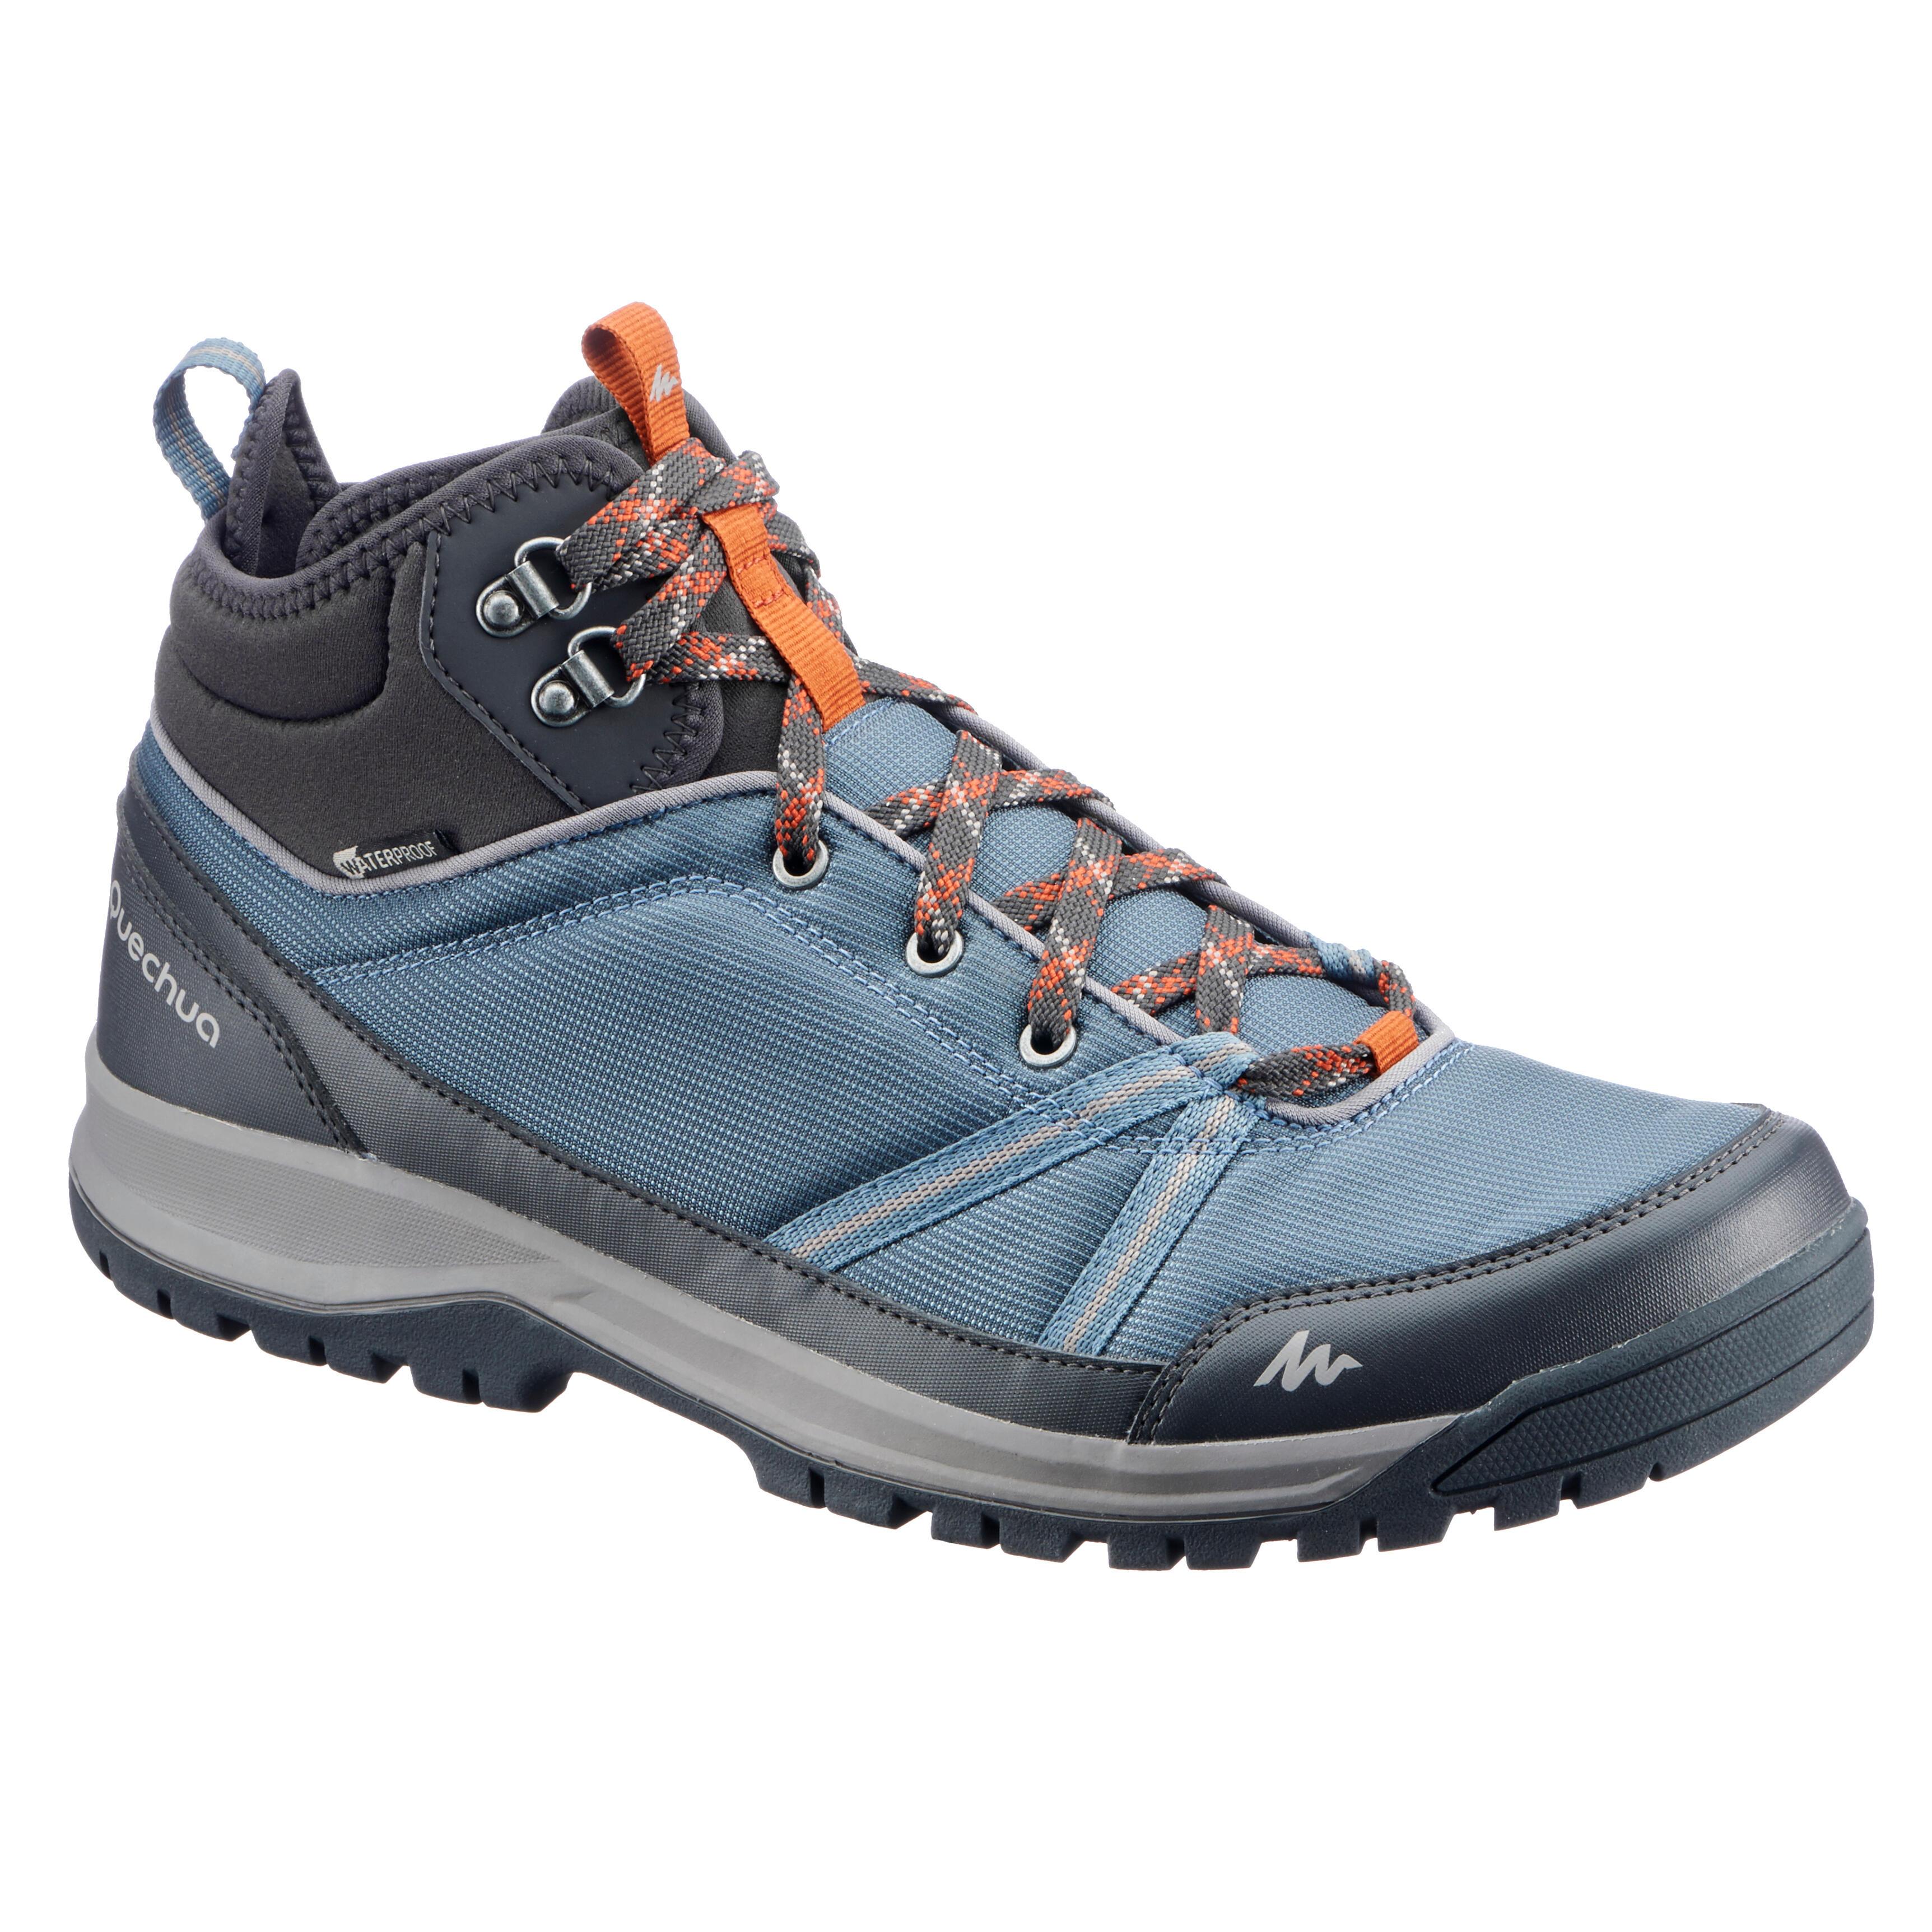 Quechua Waterdichte schoenen voor natuurwandelen NH150 mid blauw grijs heren kopen